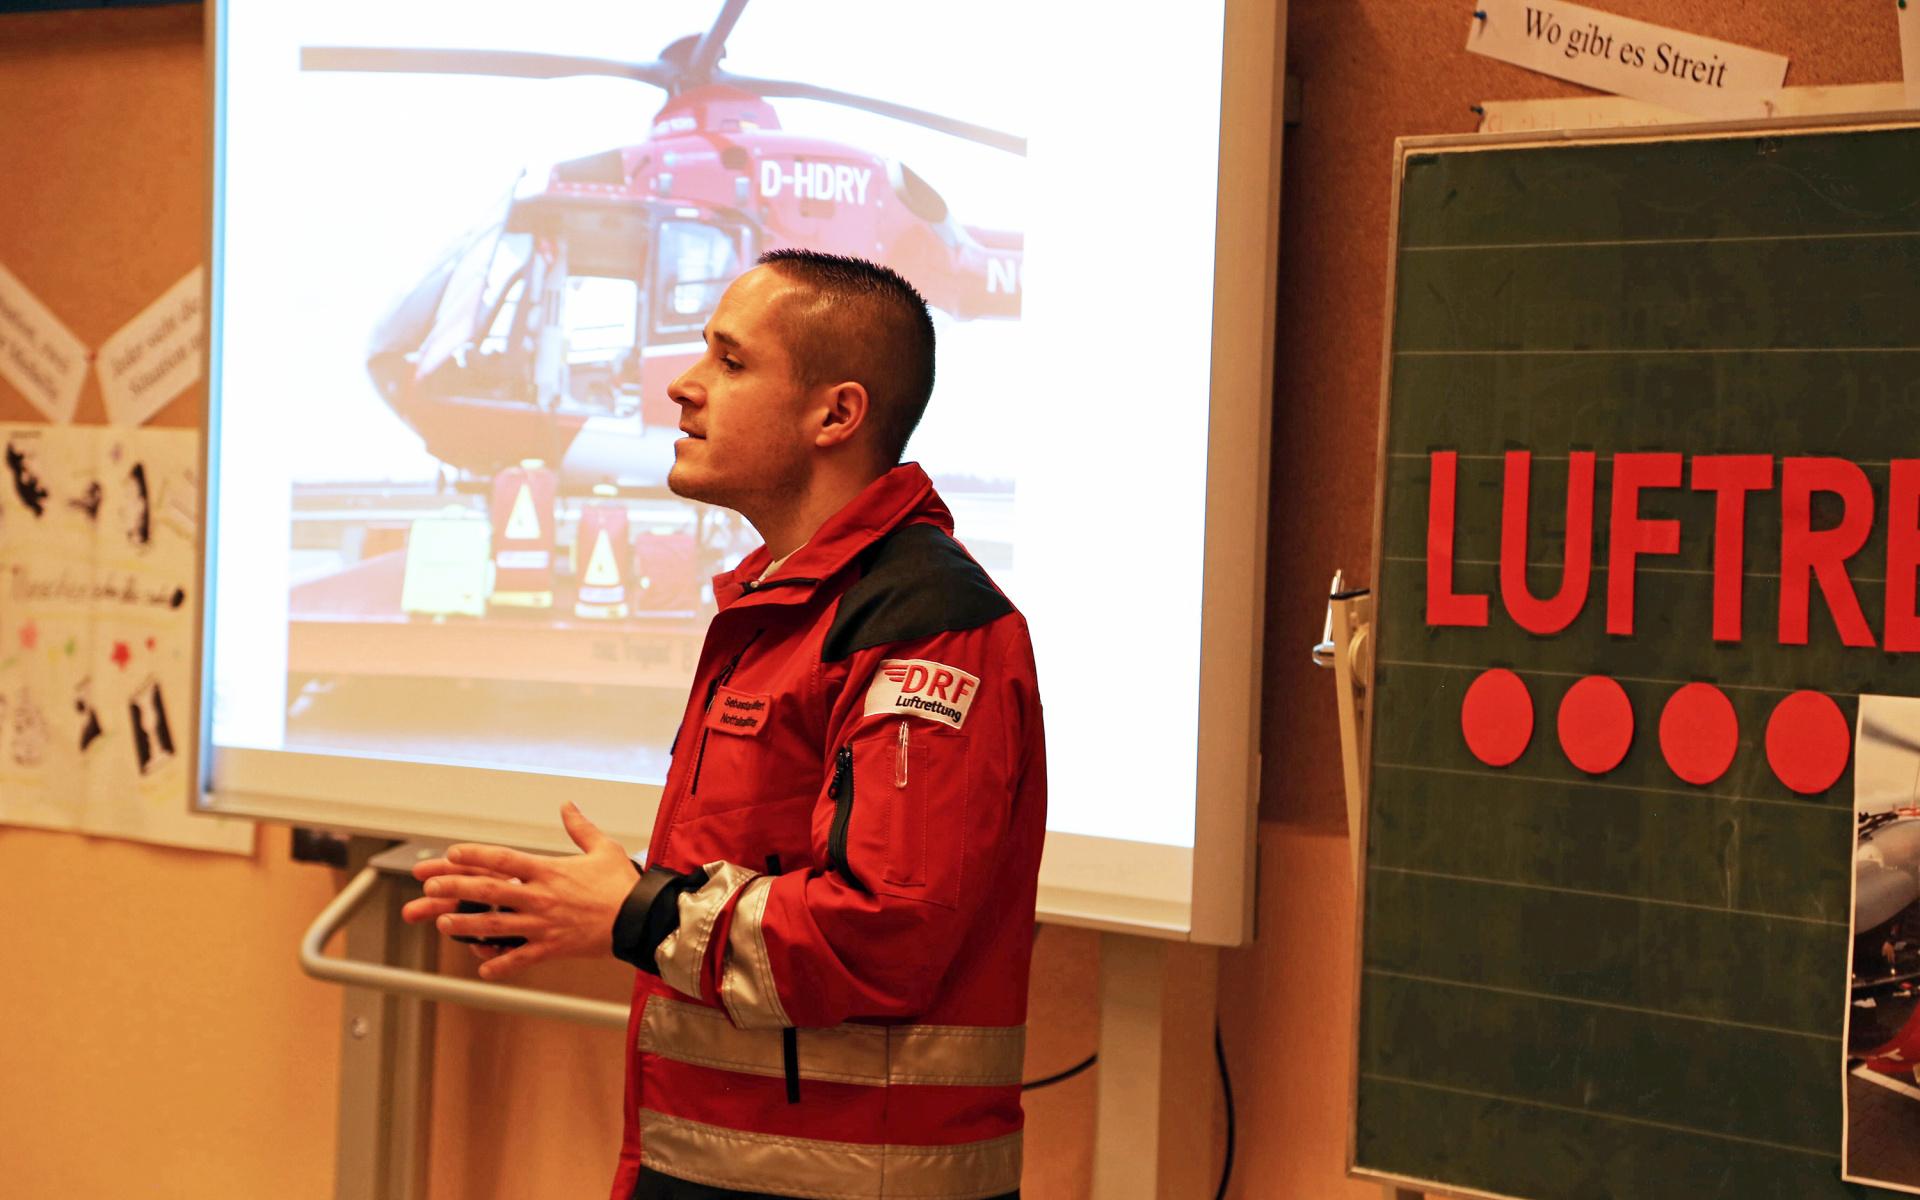 Notfallsanitäter Sebastian Geißert schildert in einem Bildvortrag seine Arbeit - und die Kinder stellen zahlreiche Fragen. Foto: Montag